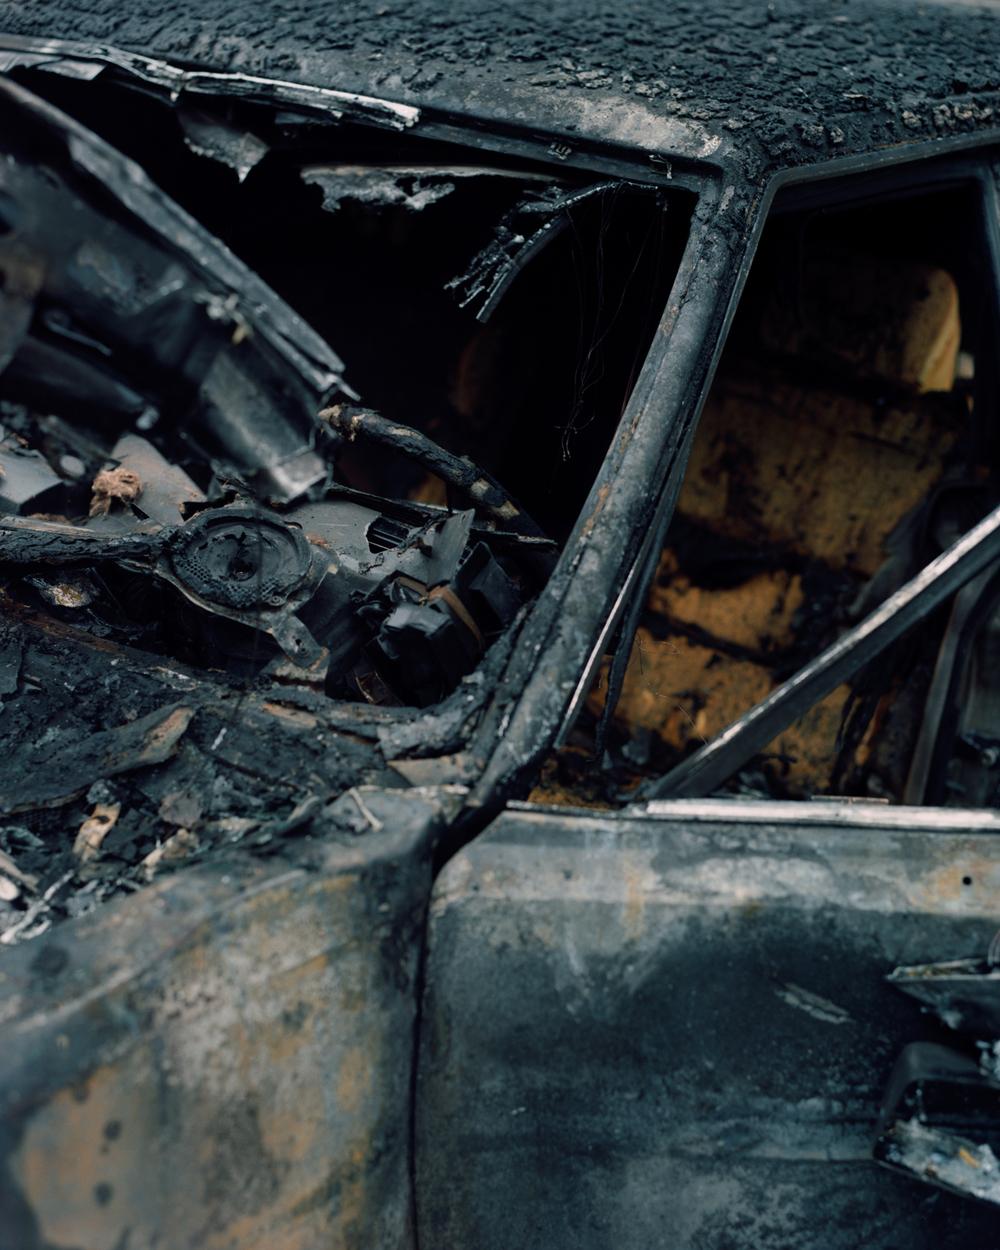 burntcar.jpg